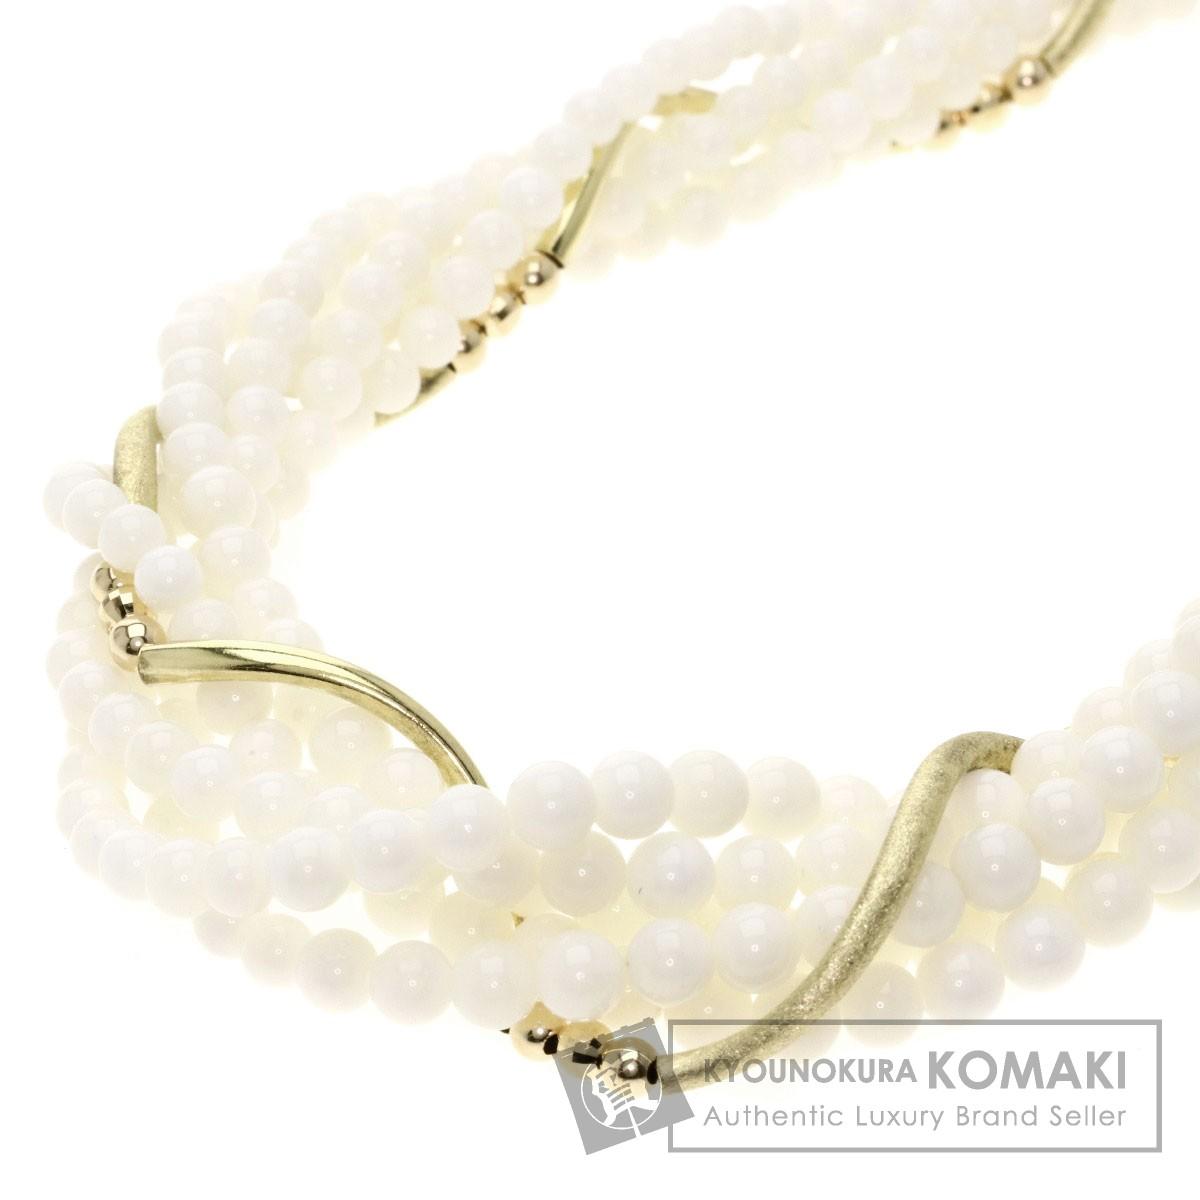 サンゴ/珊瑚 ネックレス K18イエローゴールド/K14YG 43.9g レディース 【中古】